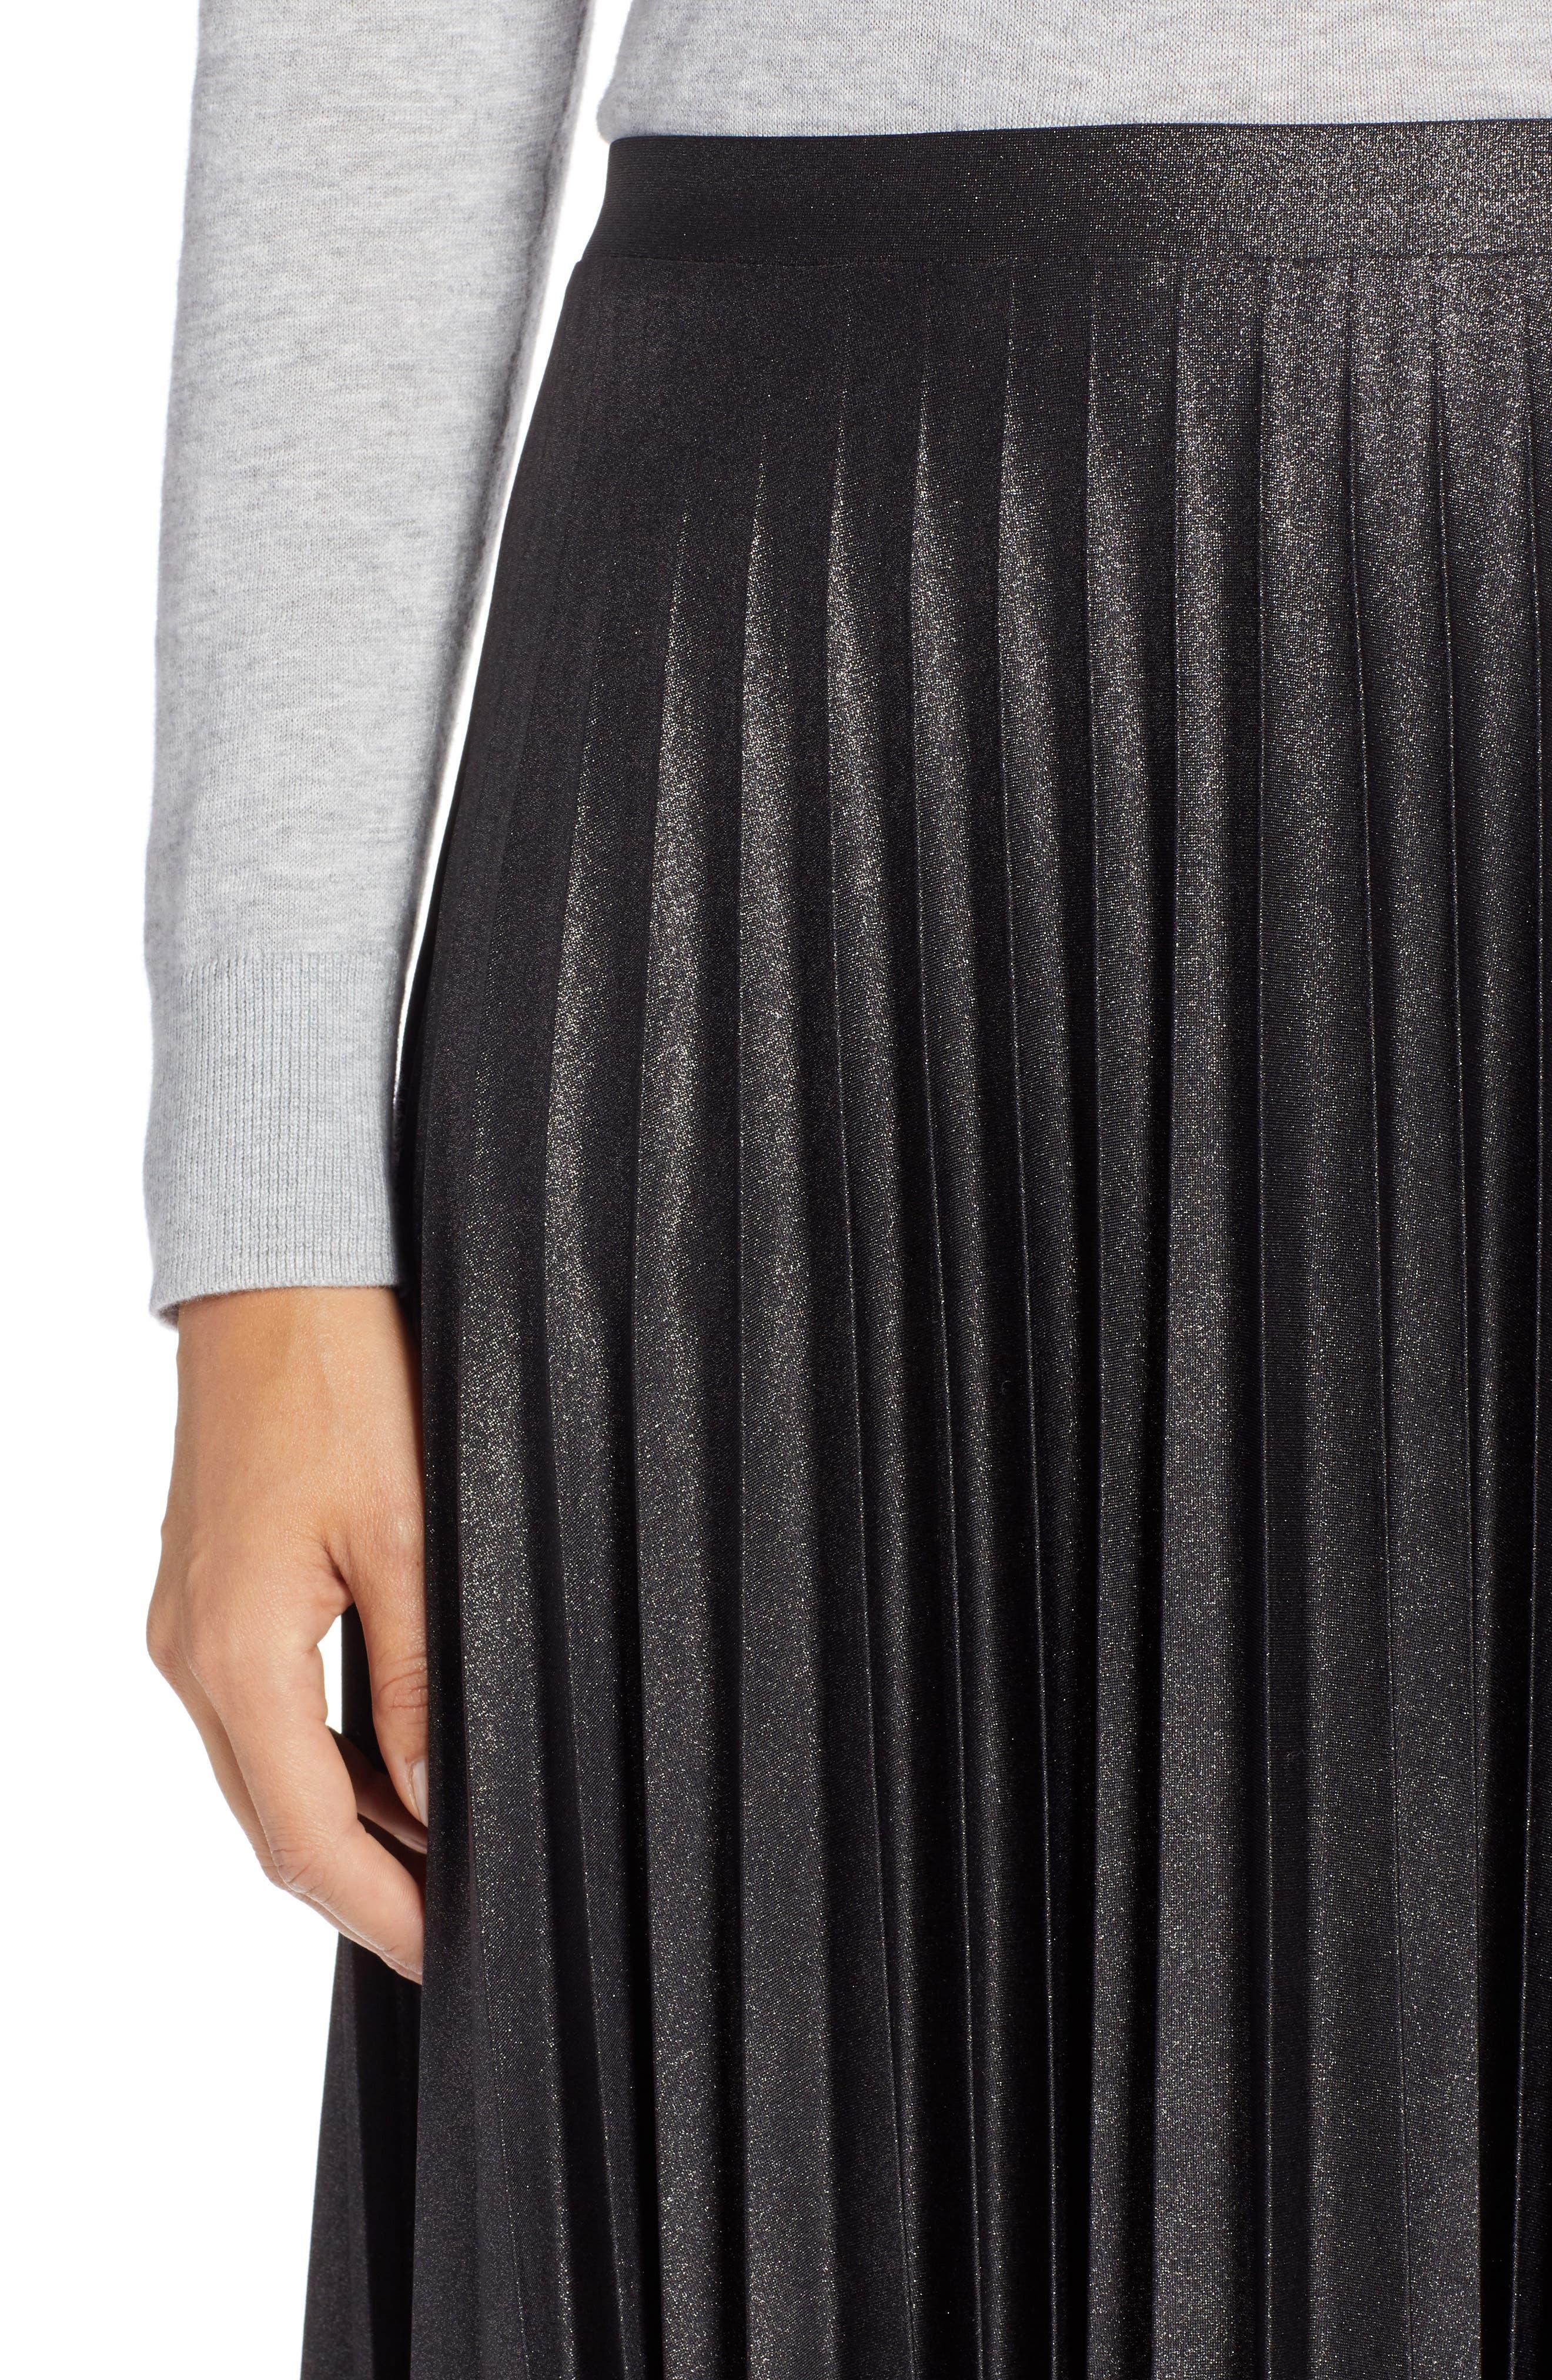 Metallic Pleat Midi Skirt,                             Alternate thumbnail 4, color,                             BLACK FOIL